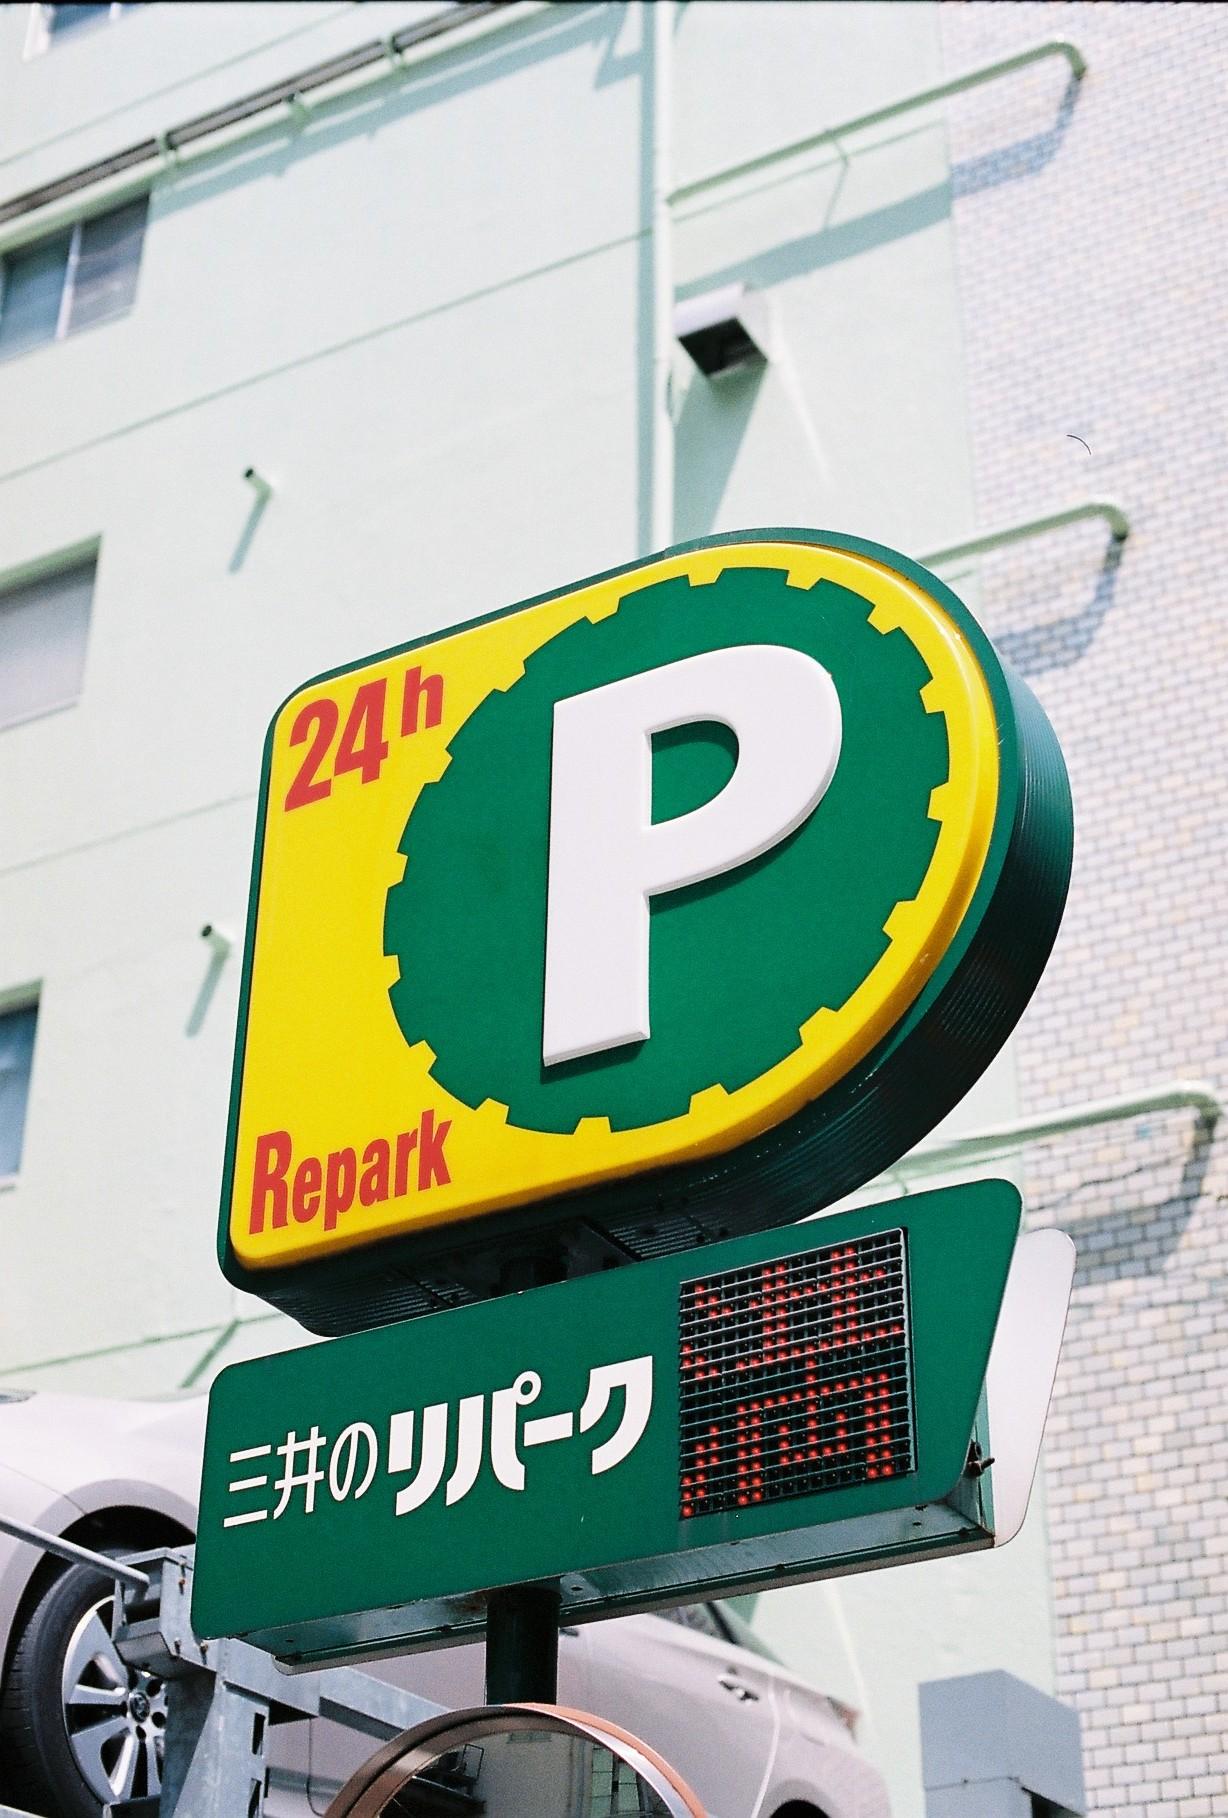 000057.JPG